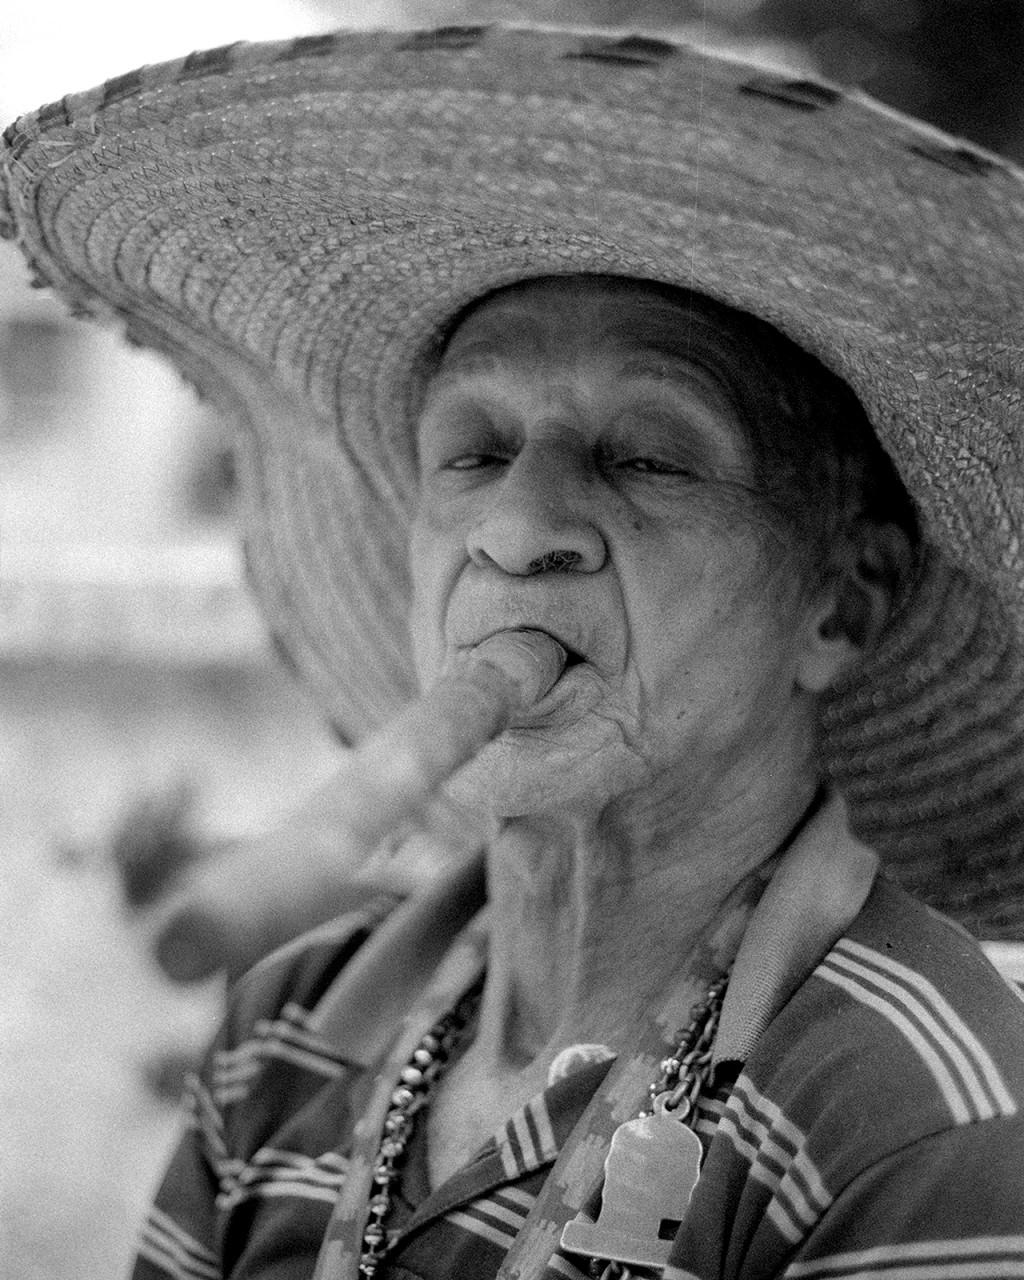 Everardo Jimenez Sochras, 77 anos, passa muito tempo na Praça da Catedral em Camagüey onde reside, fumando o seu charuto e conversando com seus colegas.